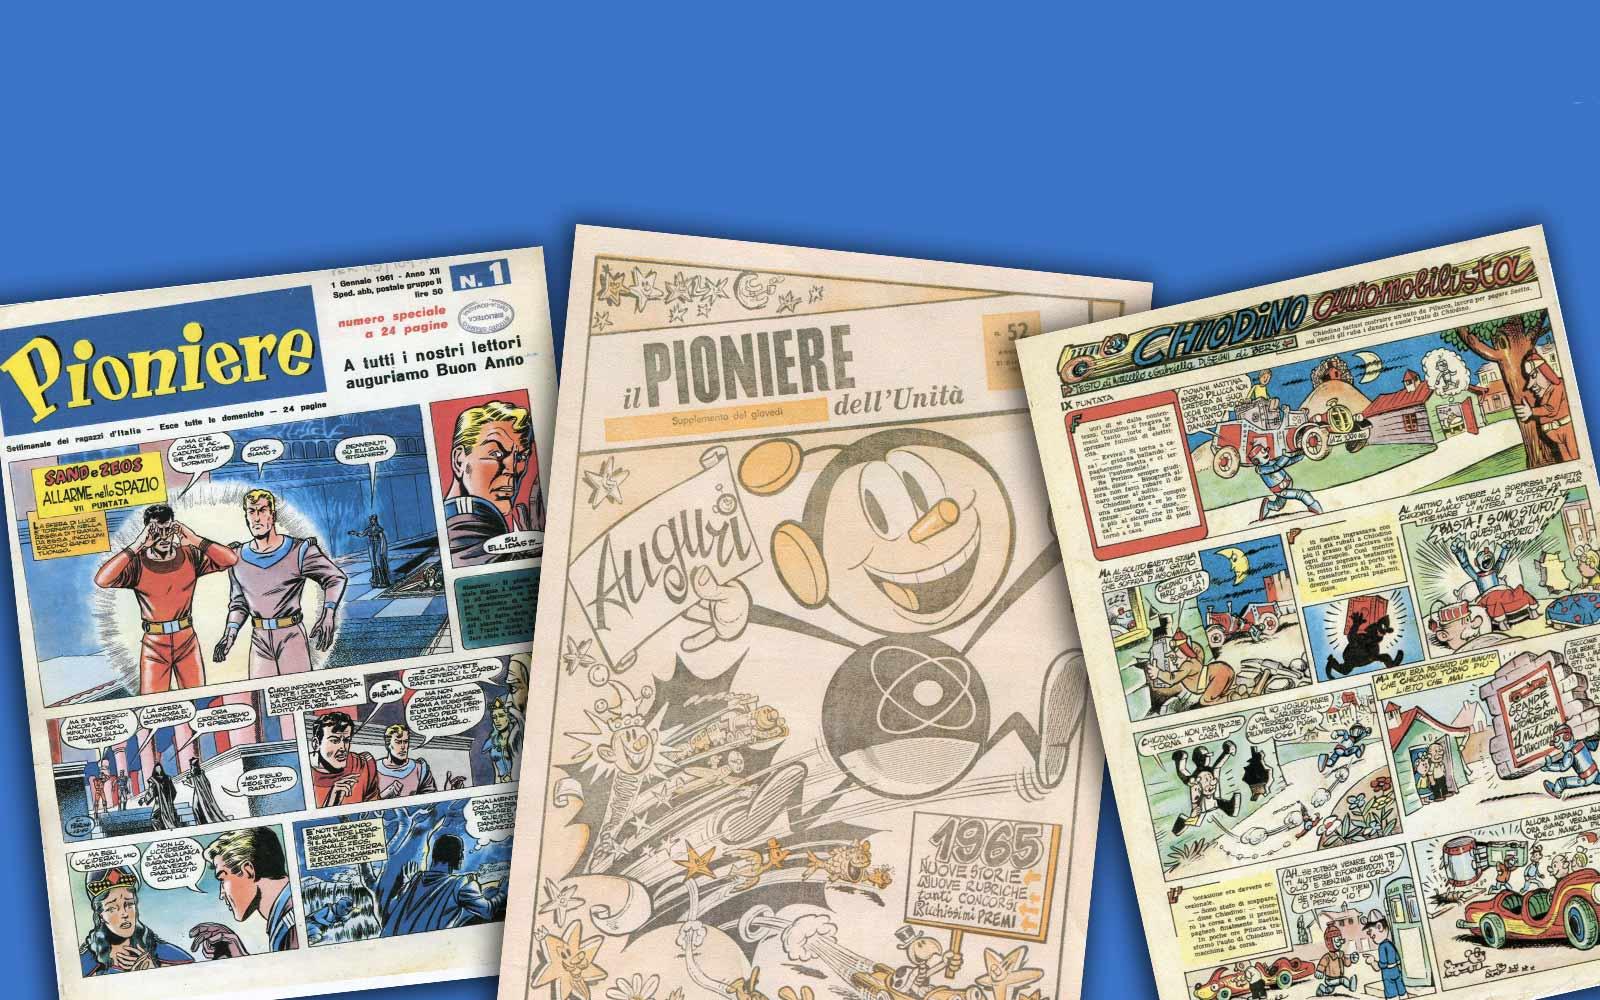 pioniere 3